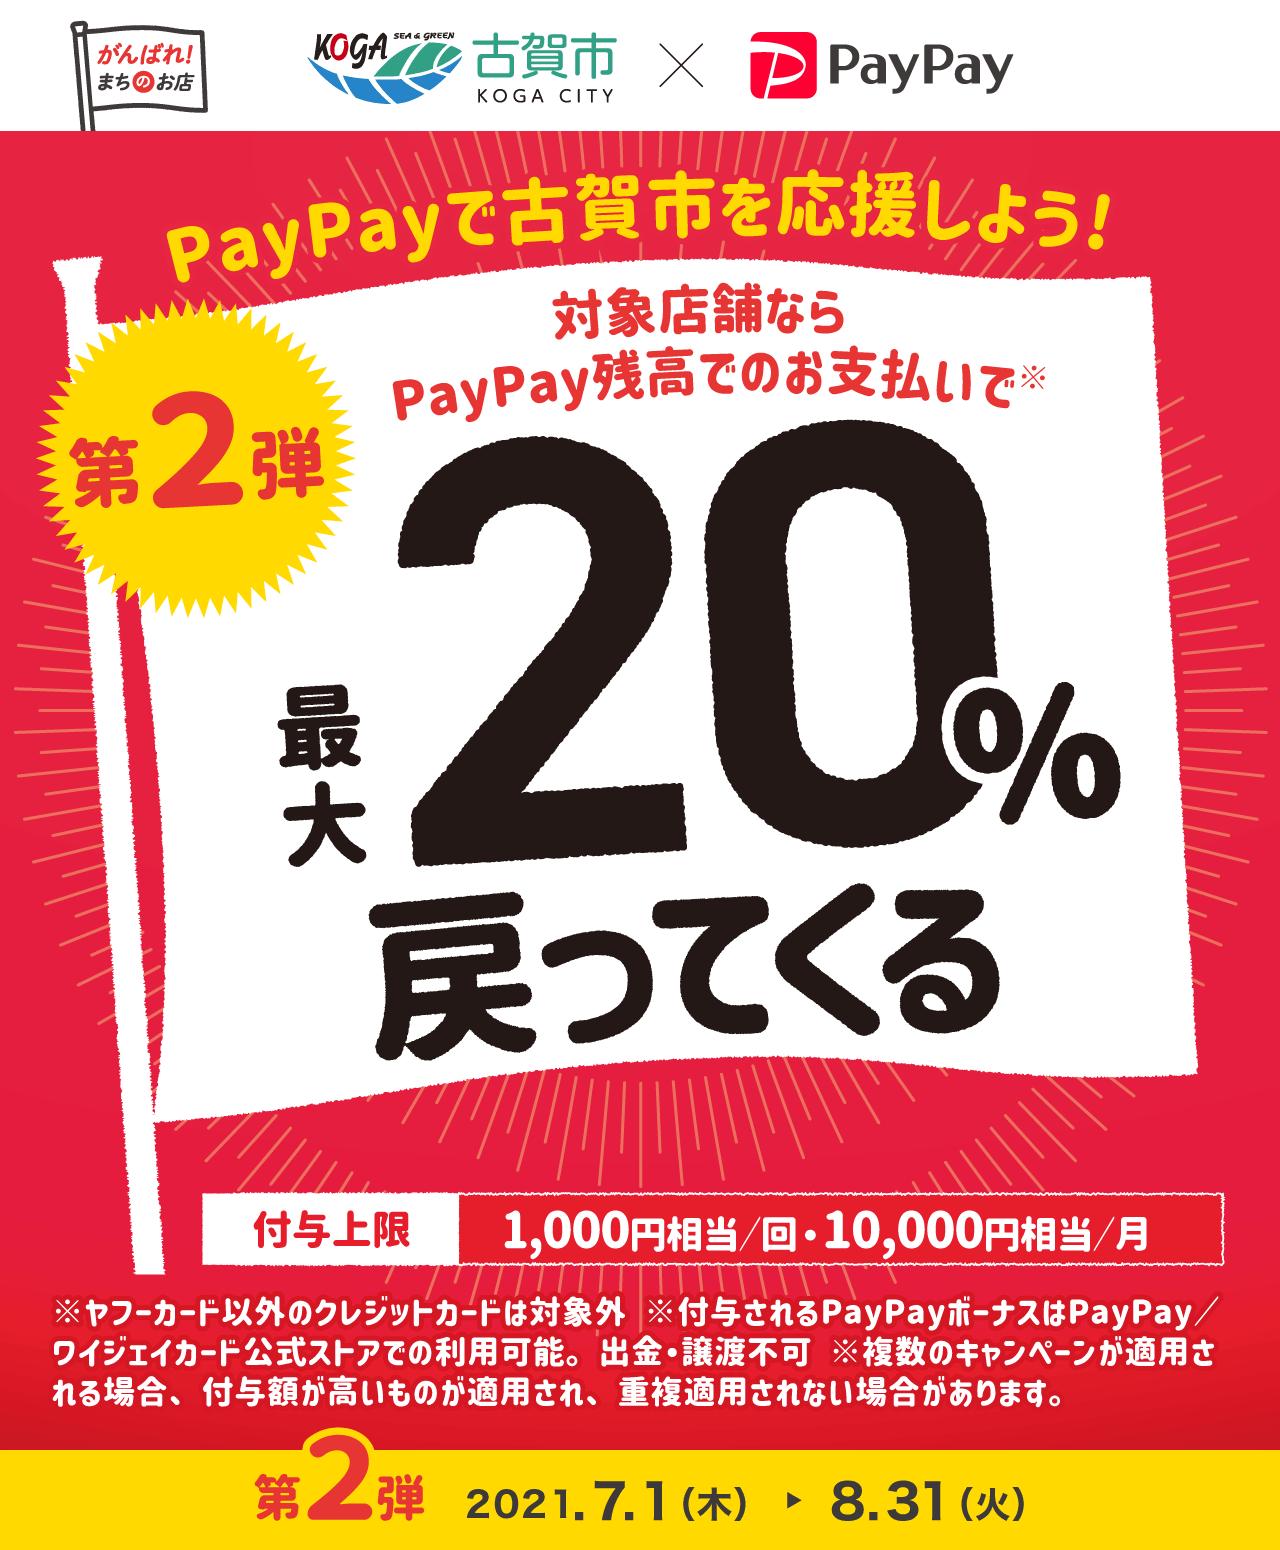 PayPayで古賀市を応援しよう!第2弾対象店舗ならPayPay残高でのお支払いで最大20%戻ってくる